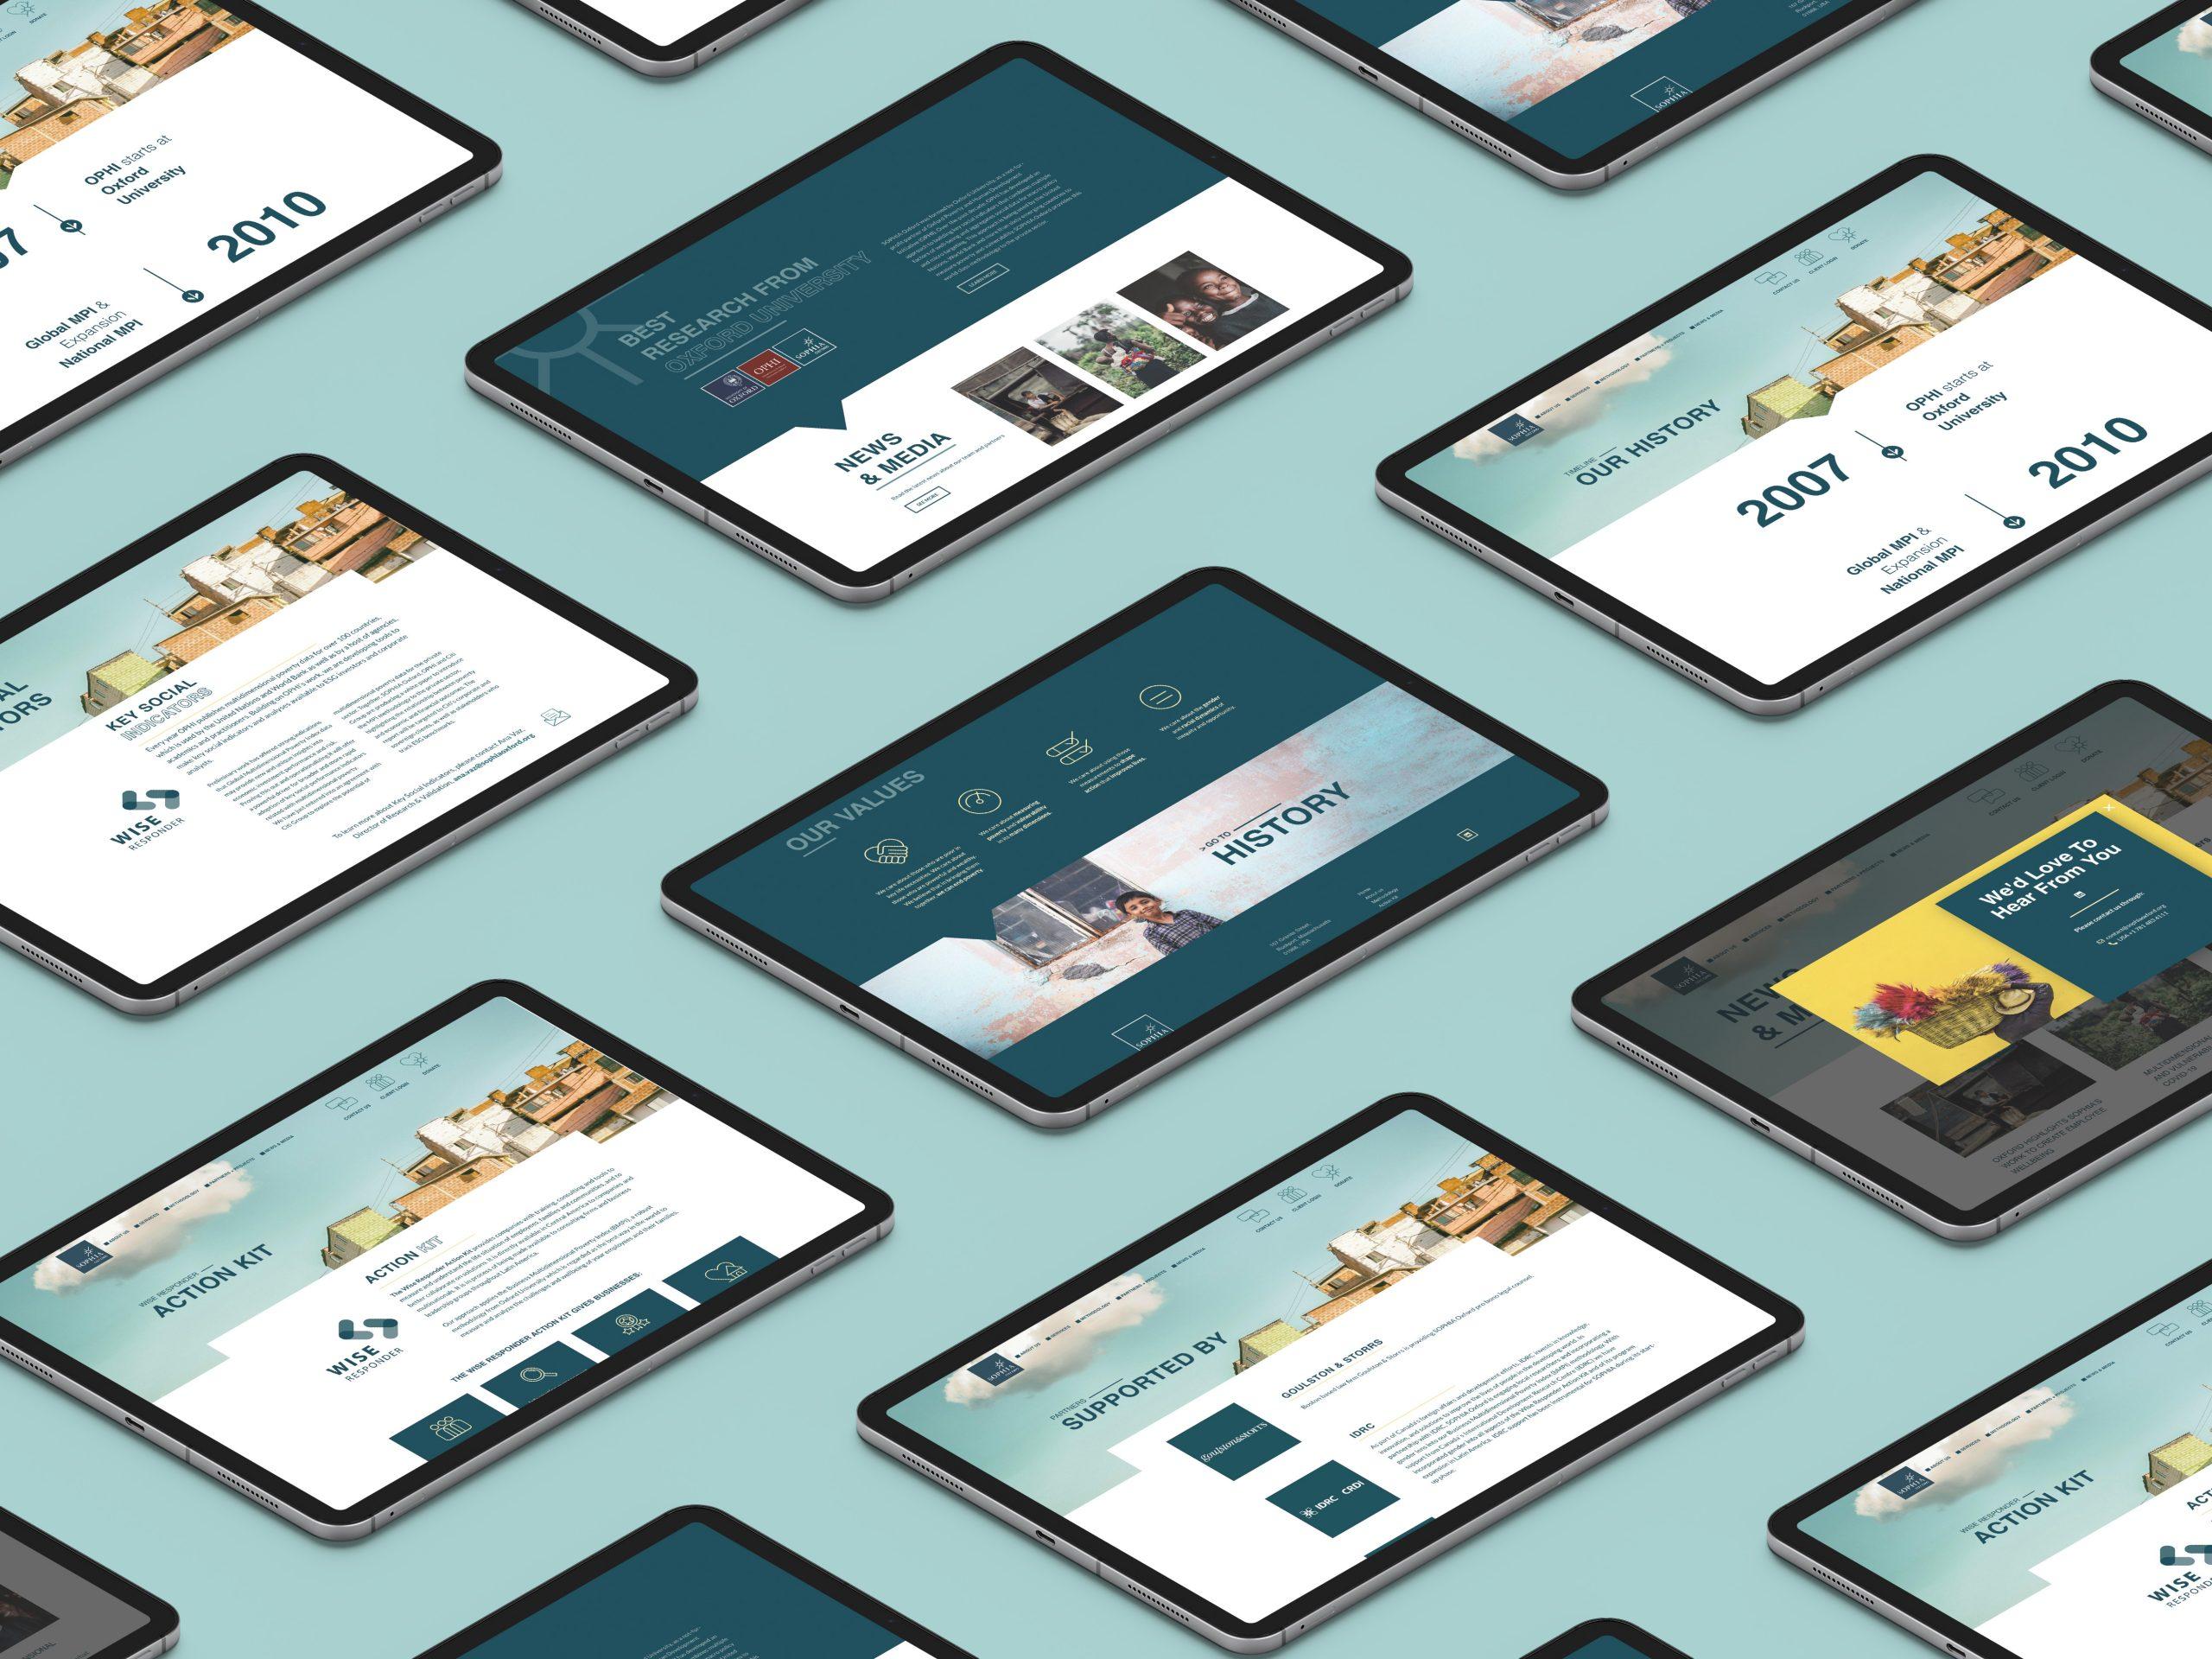 Sitio web Oficial Vista tablet